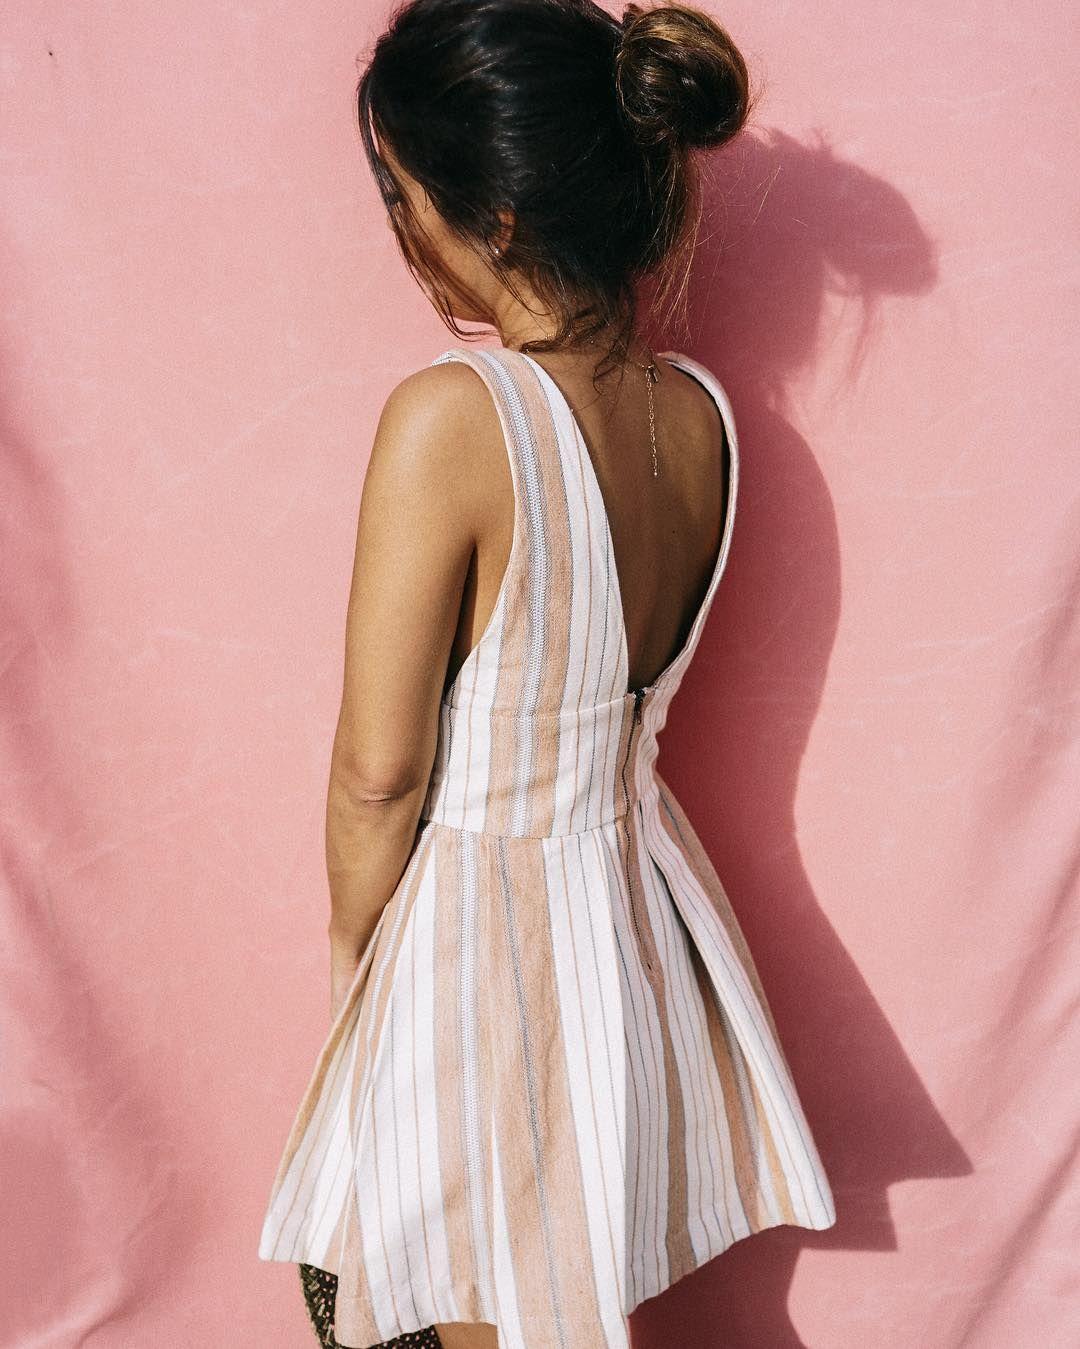 Imagen | vestidos cortos casuales | Pinterest | Vestiditos, Ropa y ...